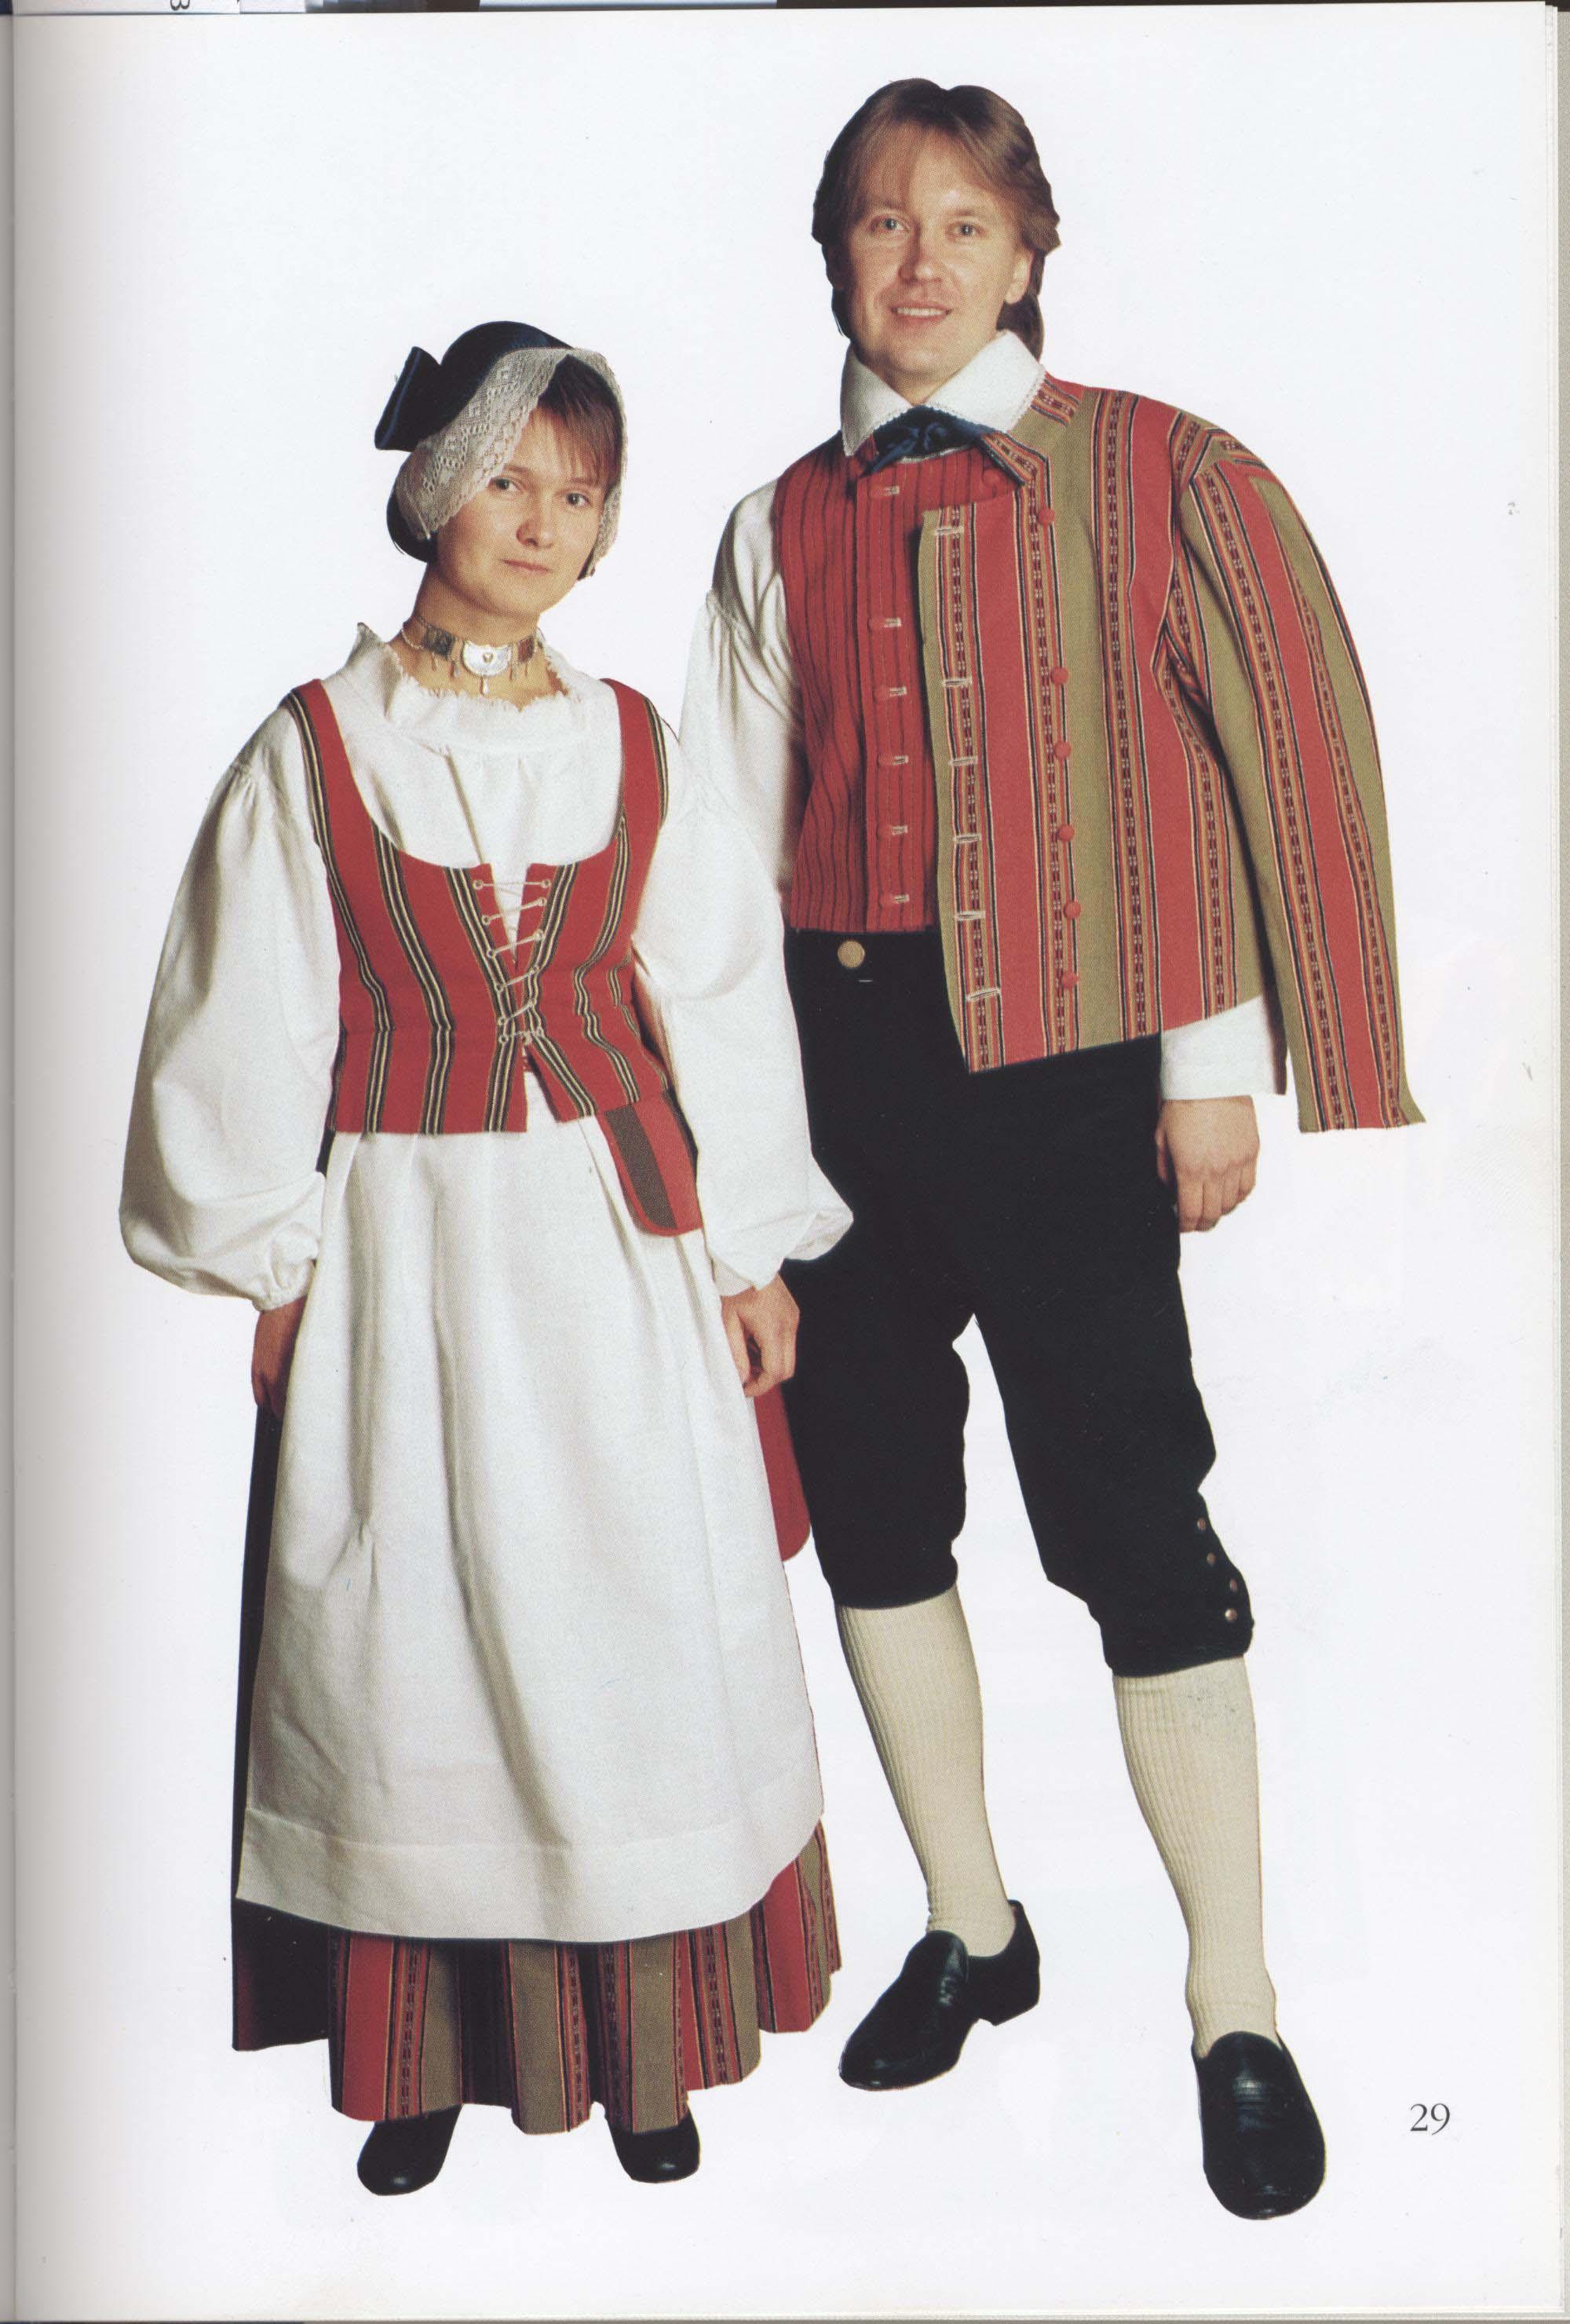 источник национальный костюм финнов картинки знаменитостей, которых хотел